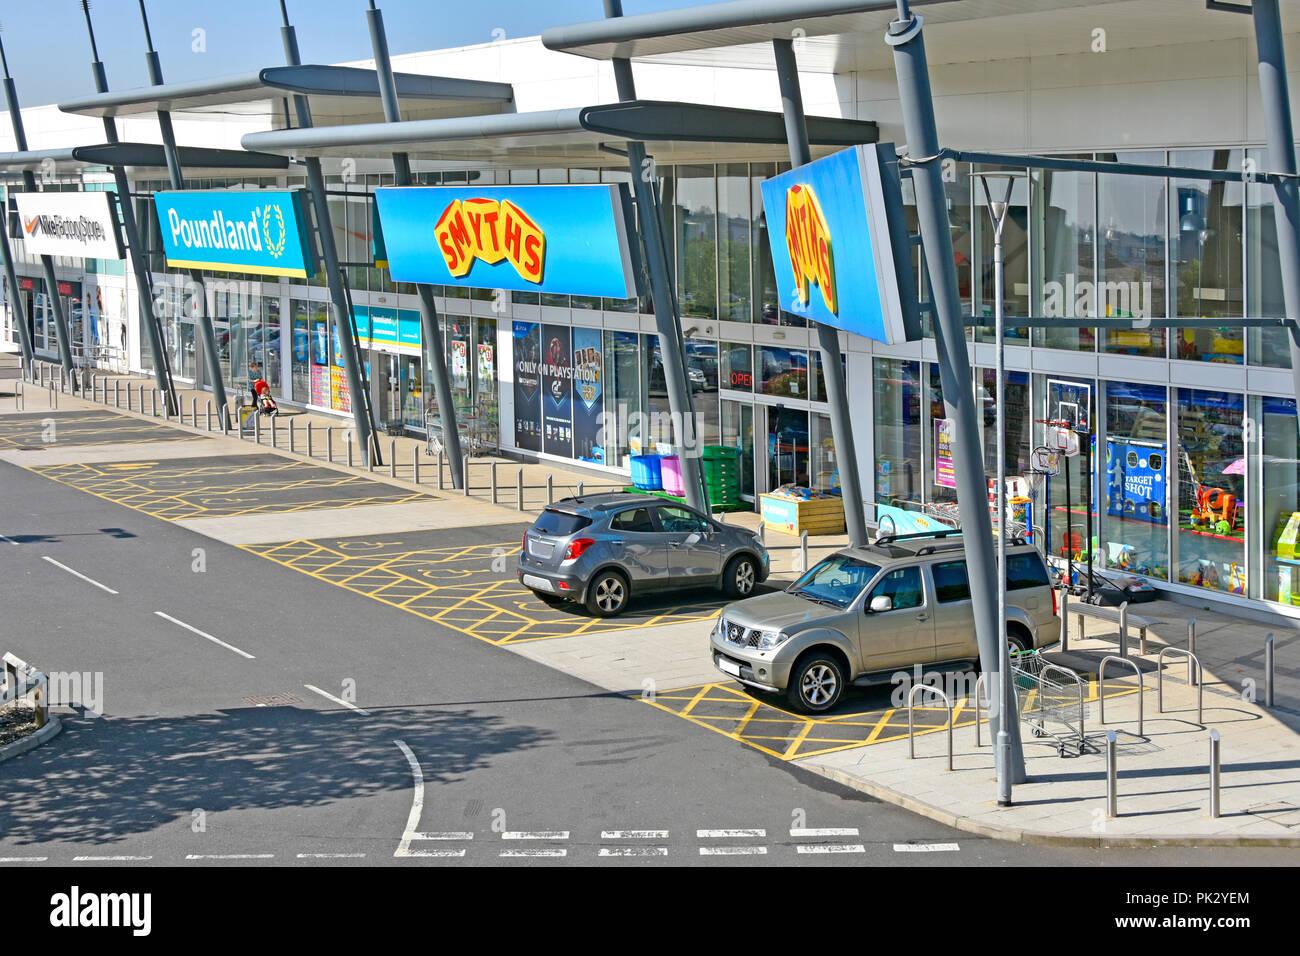 Guardando verso il basso sulla signori Smyth giocattoli & Poundland negozi & persona su sedia a rotelle handicap parcheggio bay spazio Lakeside Retail Park Thurrock Essex England Regno Unito Immagini Stock